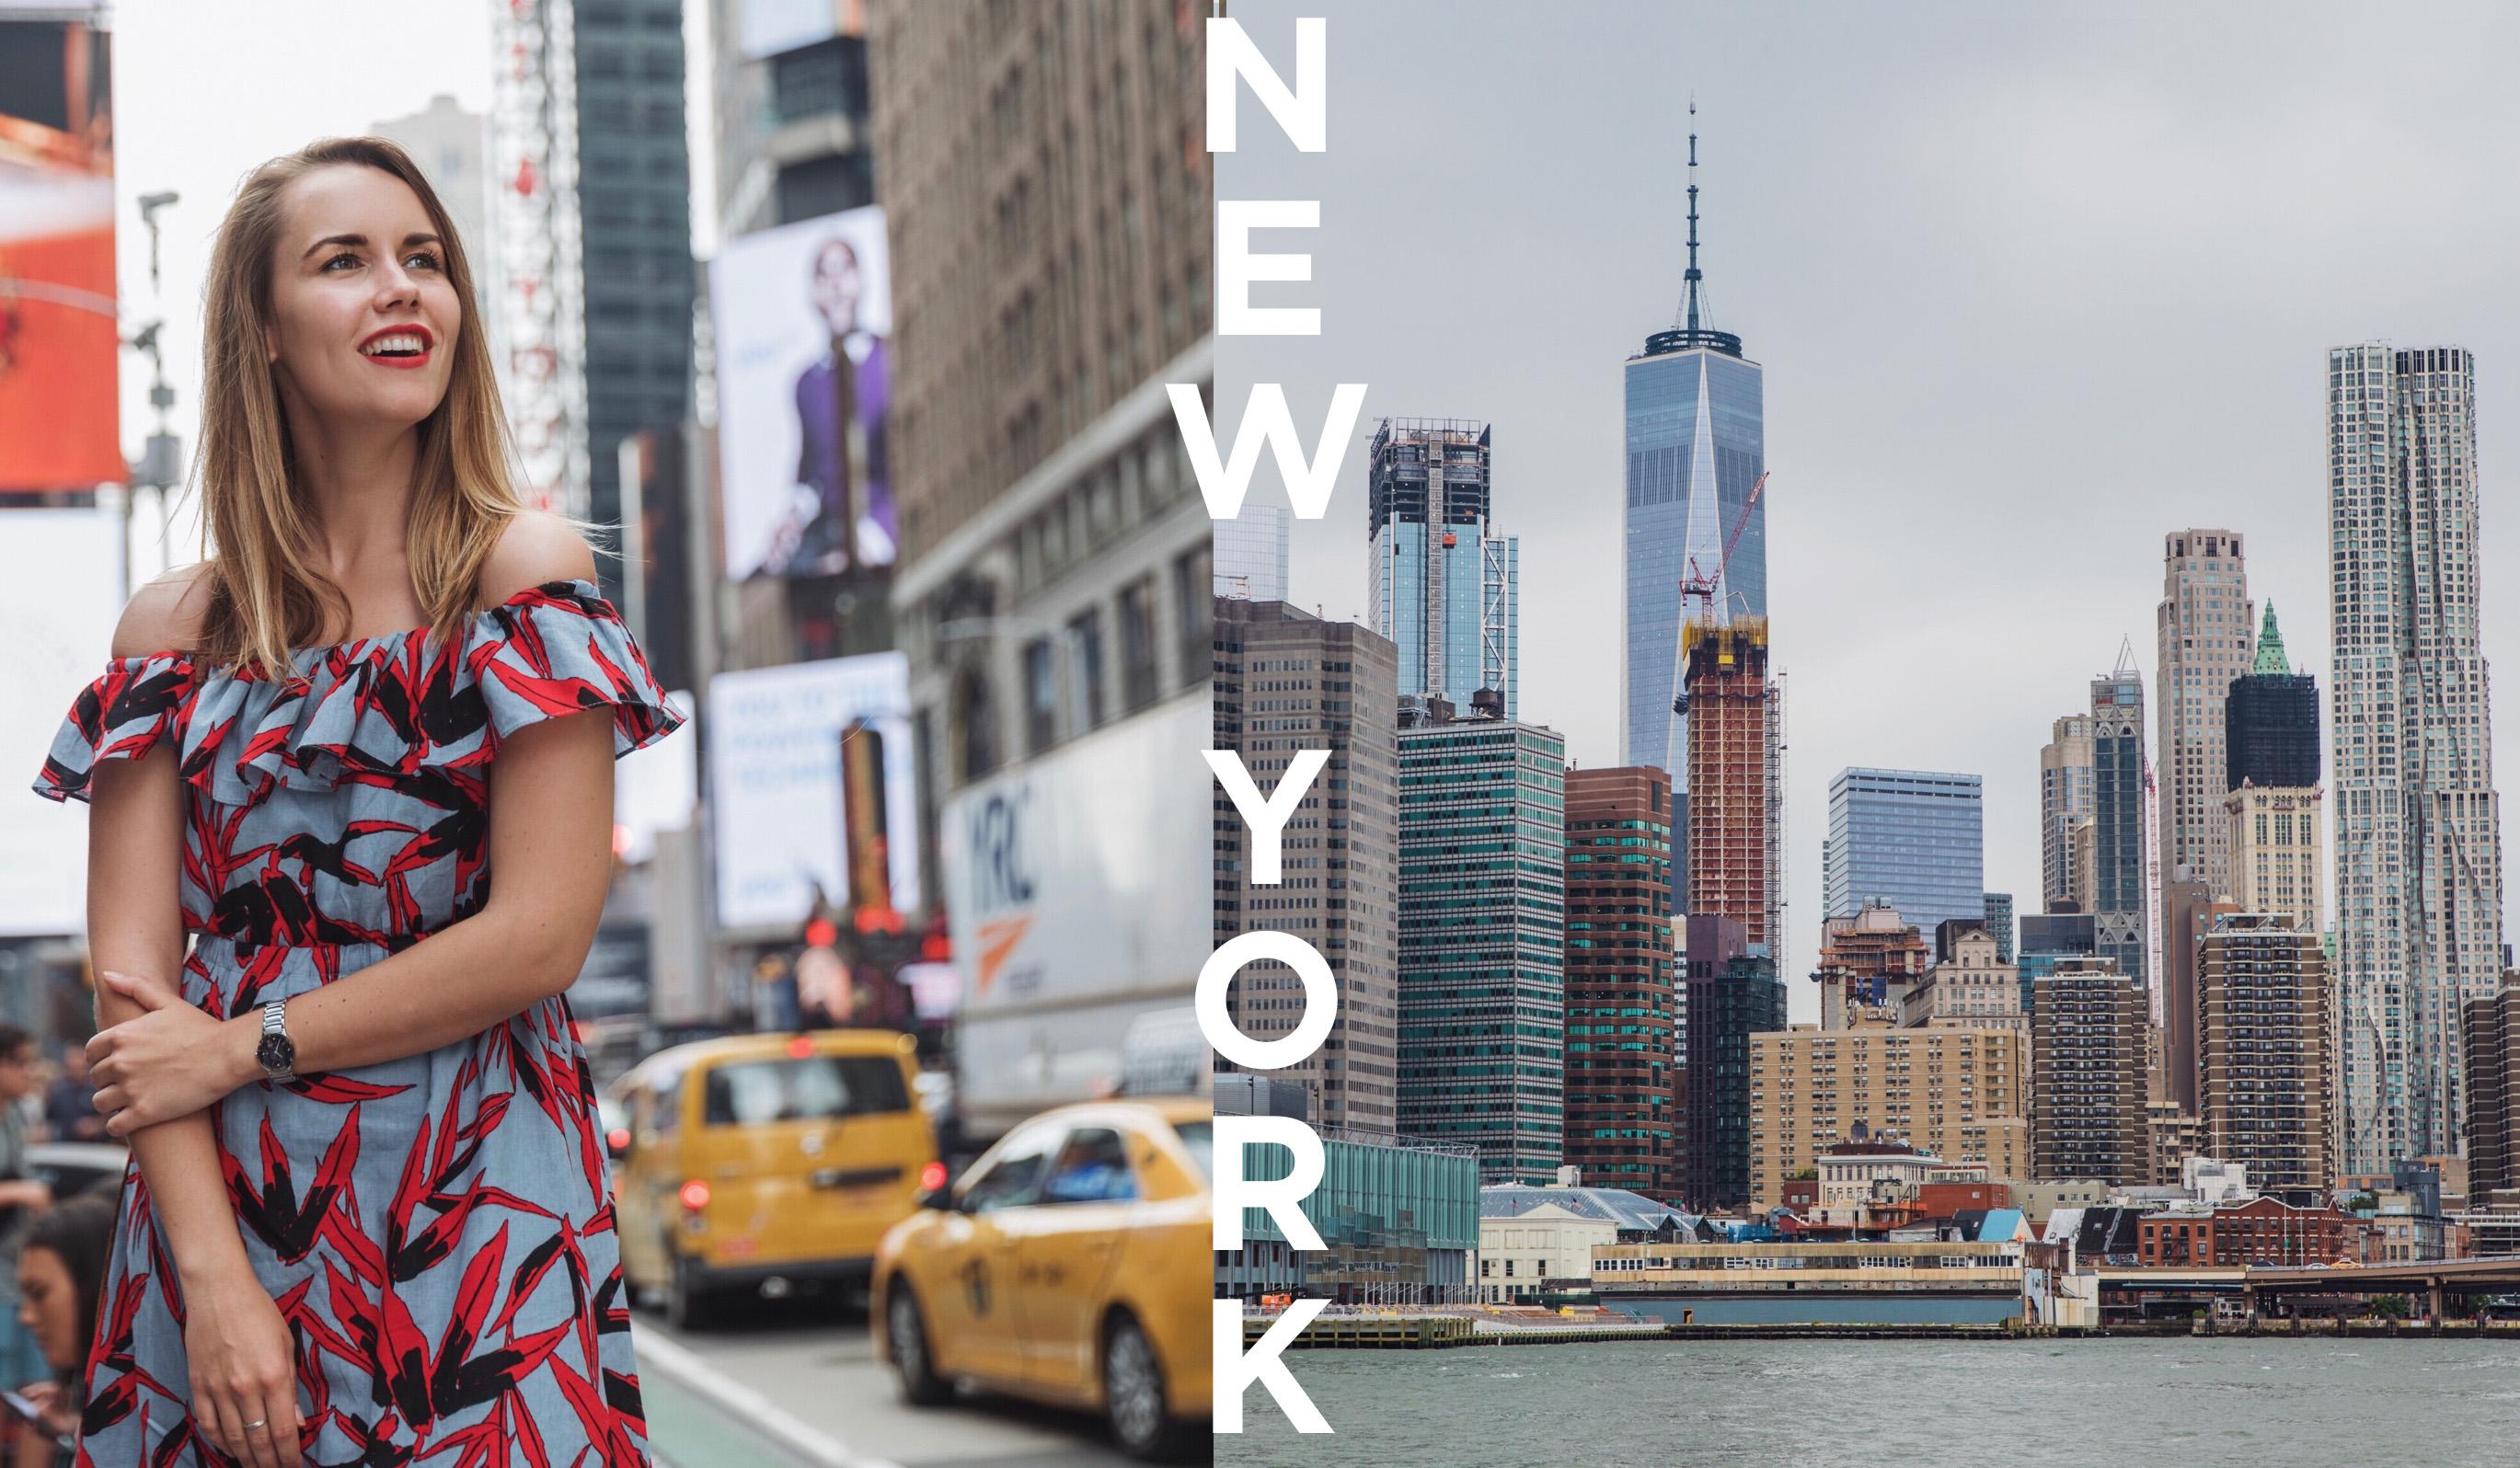 МОЙ ПЕРВЫЙ РАЗ В НЬЮ-ЙОРКЕ